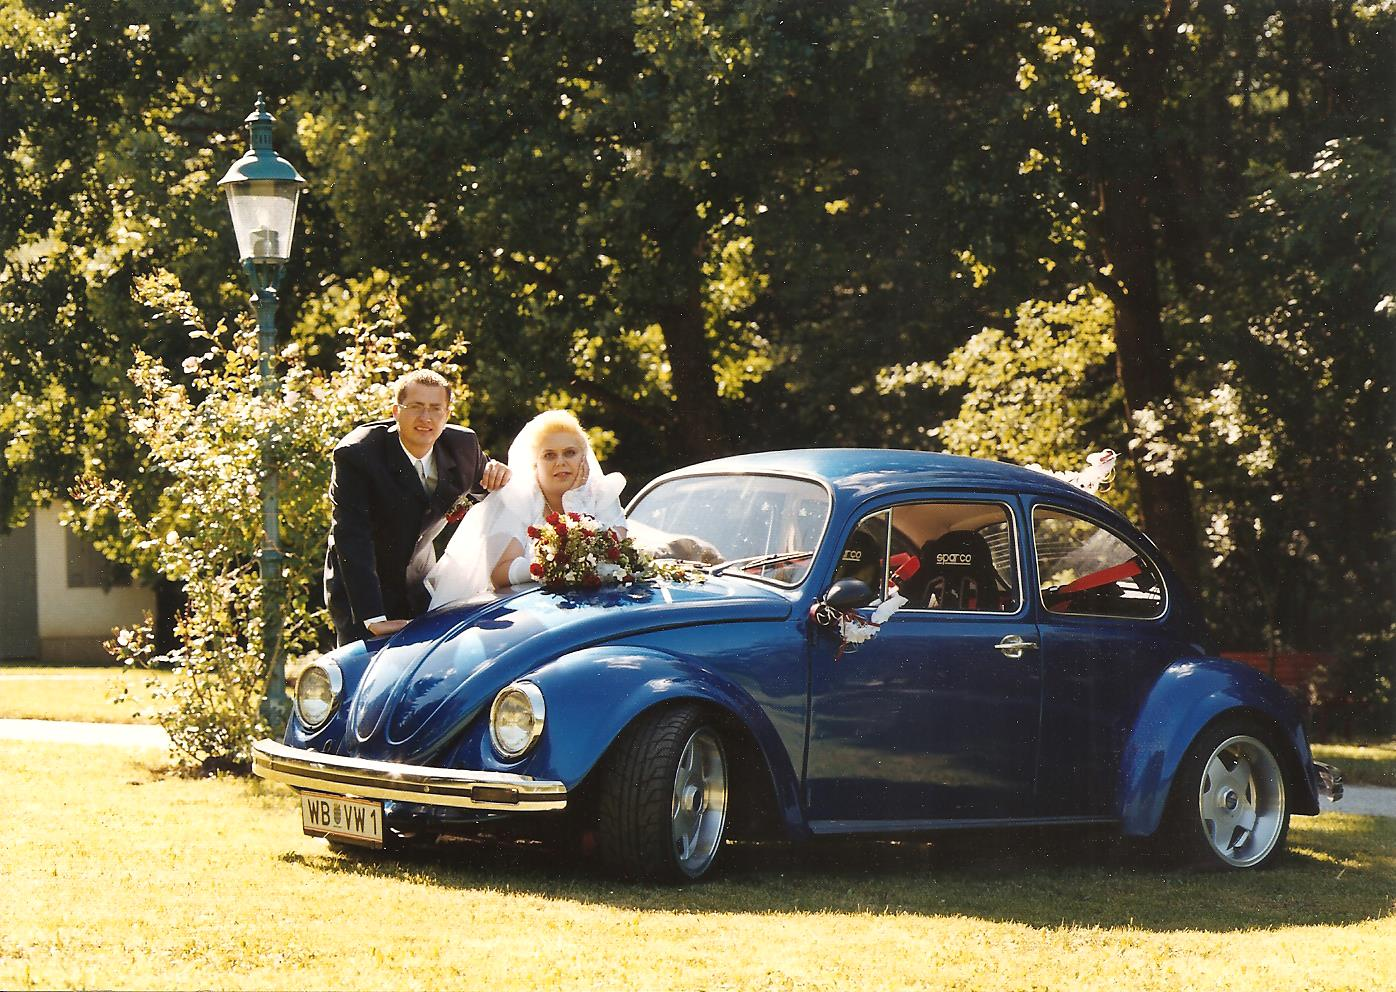 Mein Hochzeitsauto - VW Käfer | Käferblog